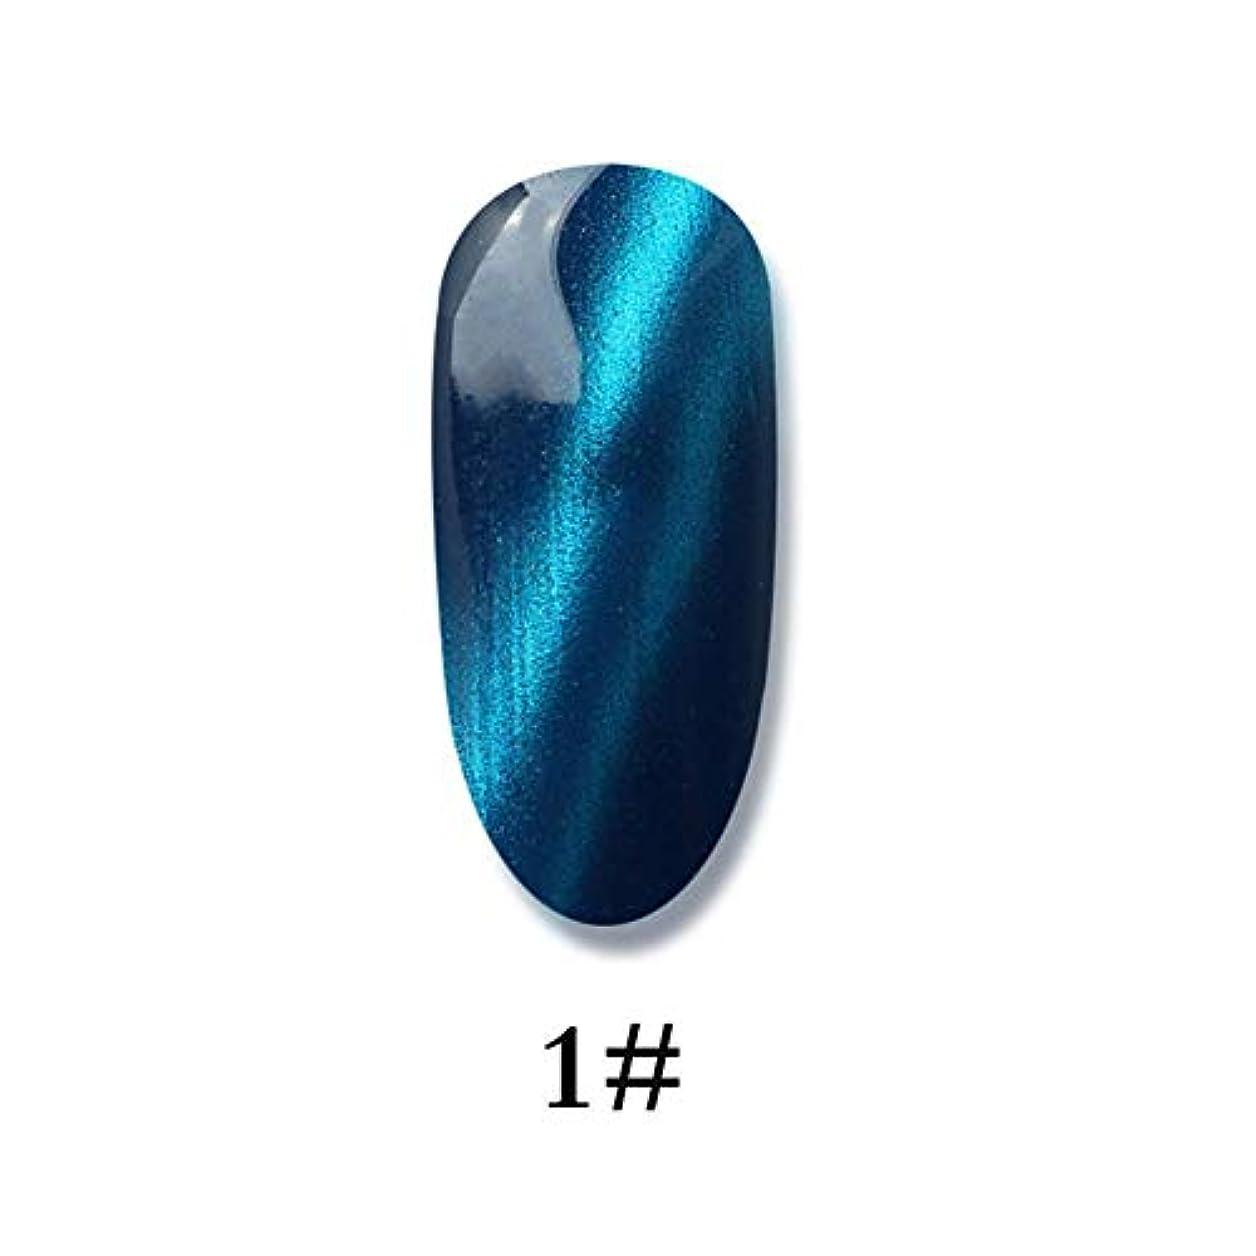 親直径顎ネイルポリッシュ - ネイル光線療法用ゲル 3Dキャットアイジェルメイクアップネイルポリッシュグルー